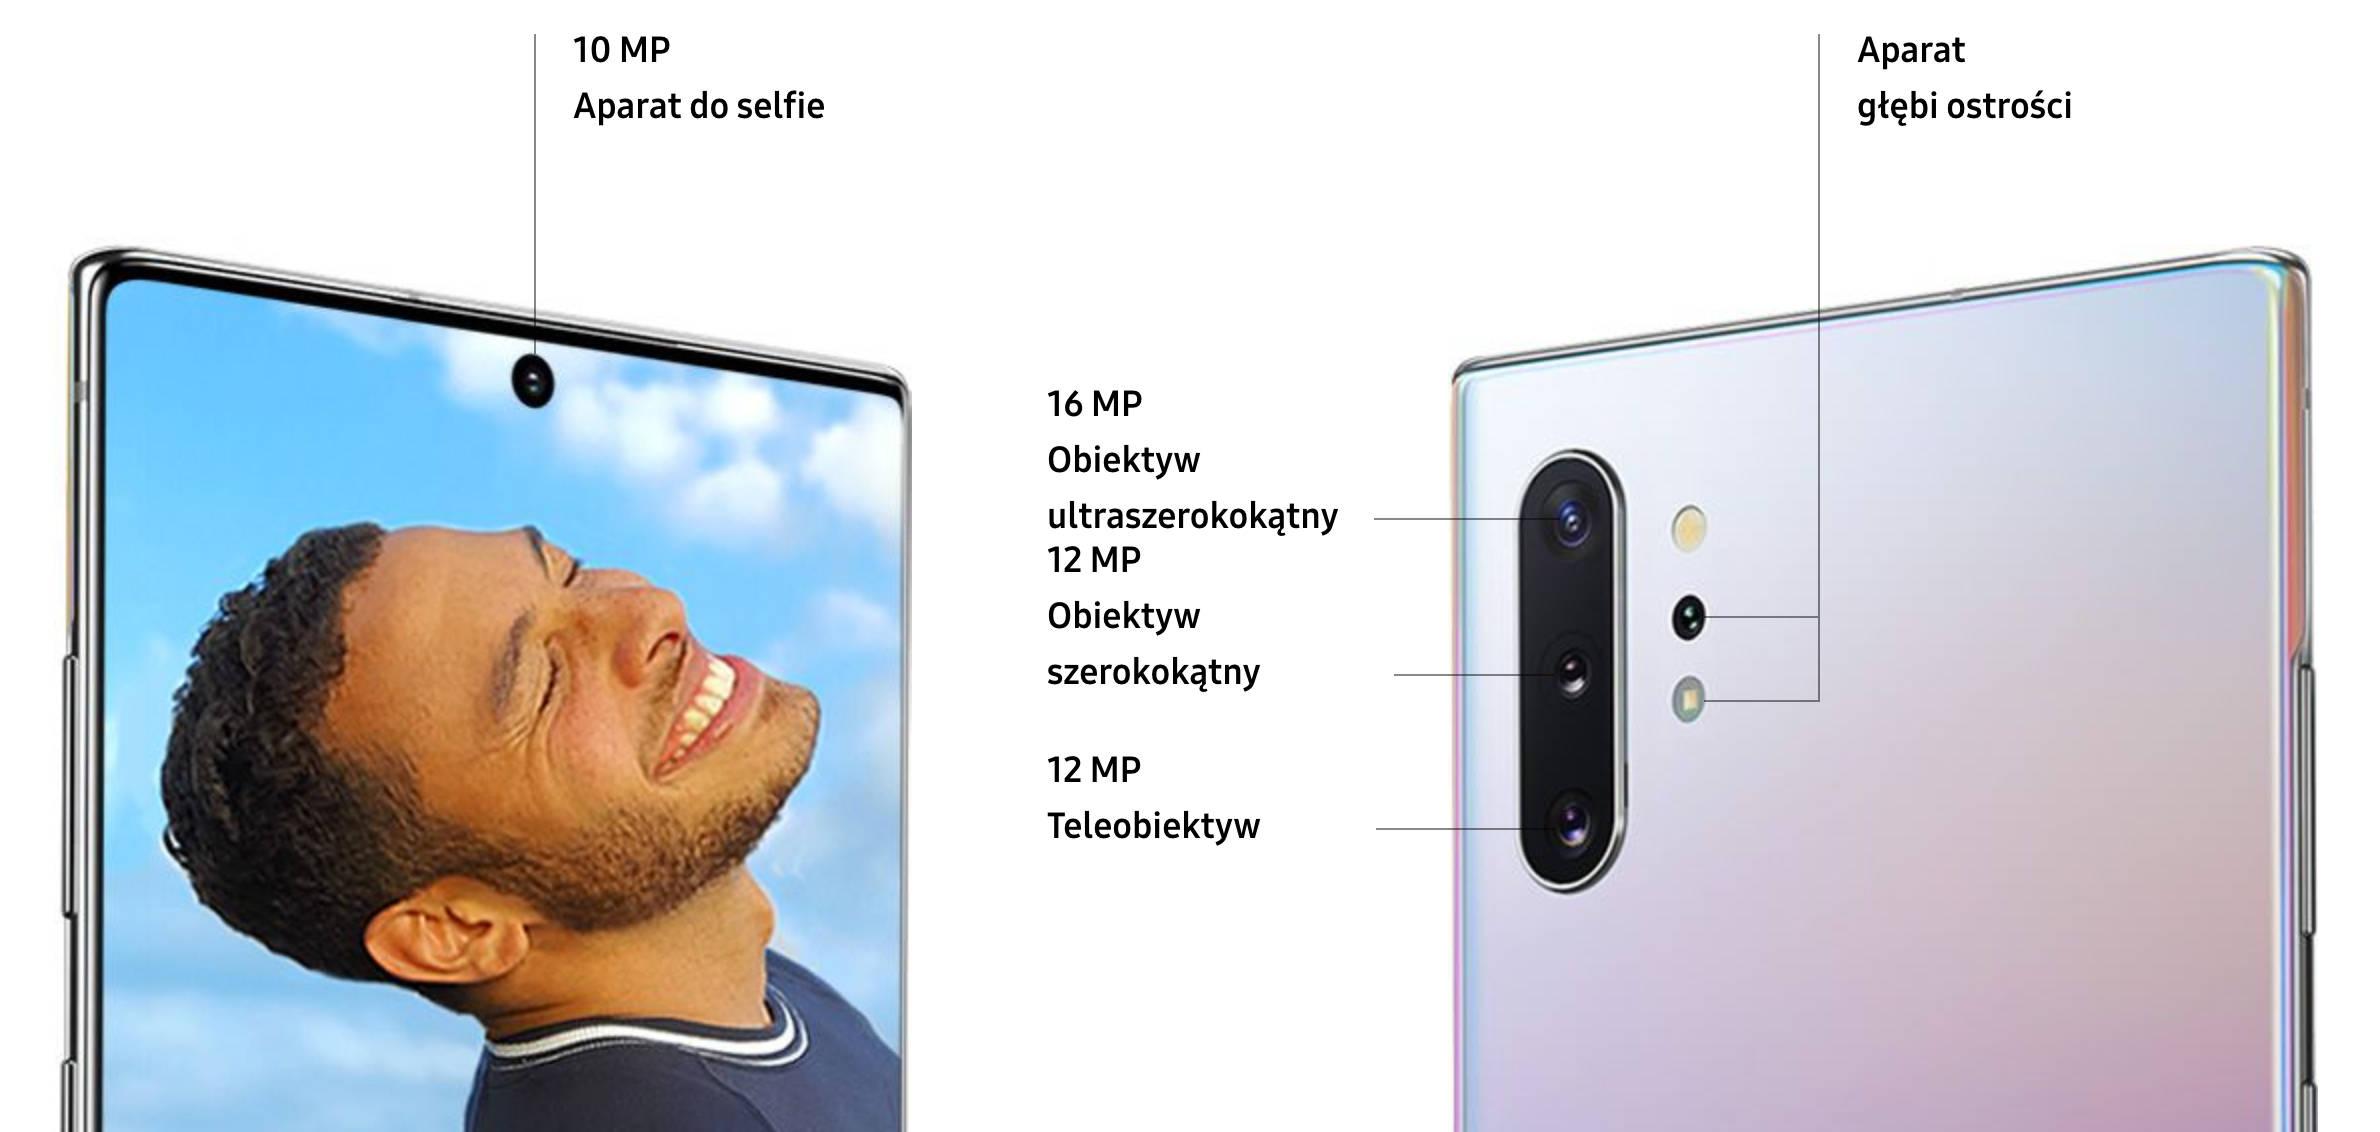 Samsung Galaxy Note 10 5G aparat fotograficzny DxOMark Mobile DxO ocena możliwości funkcje opinie